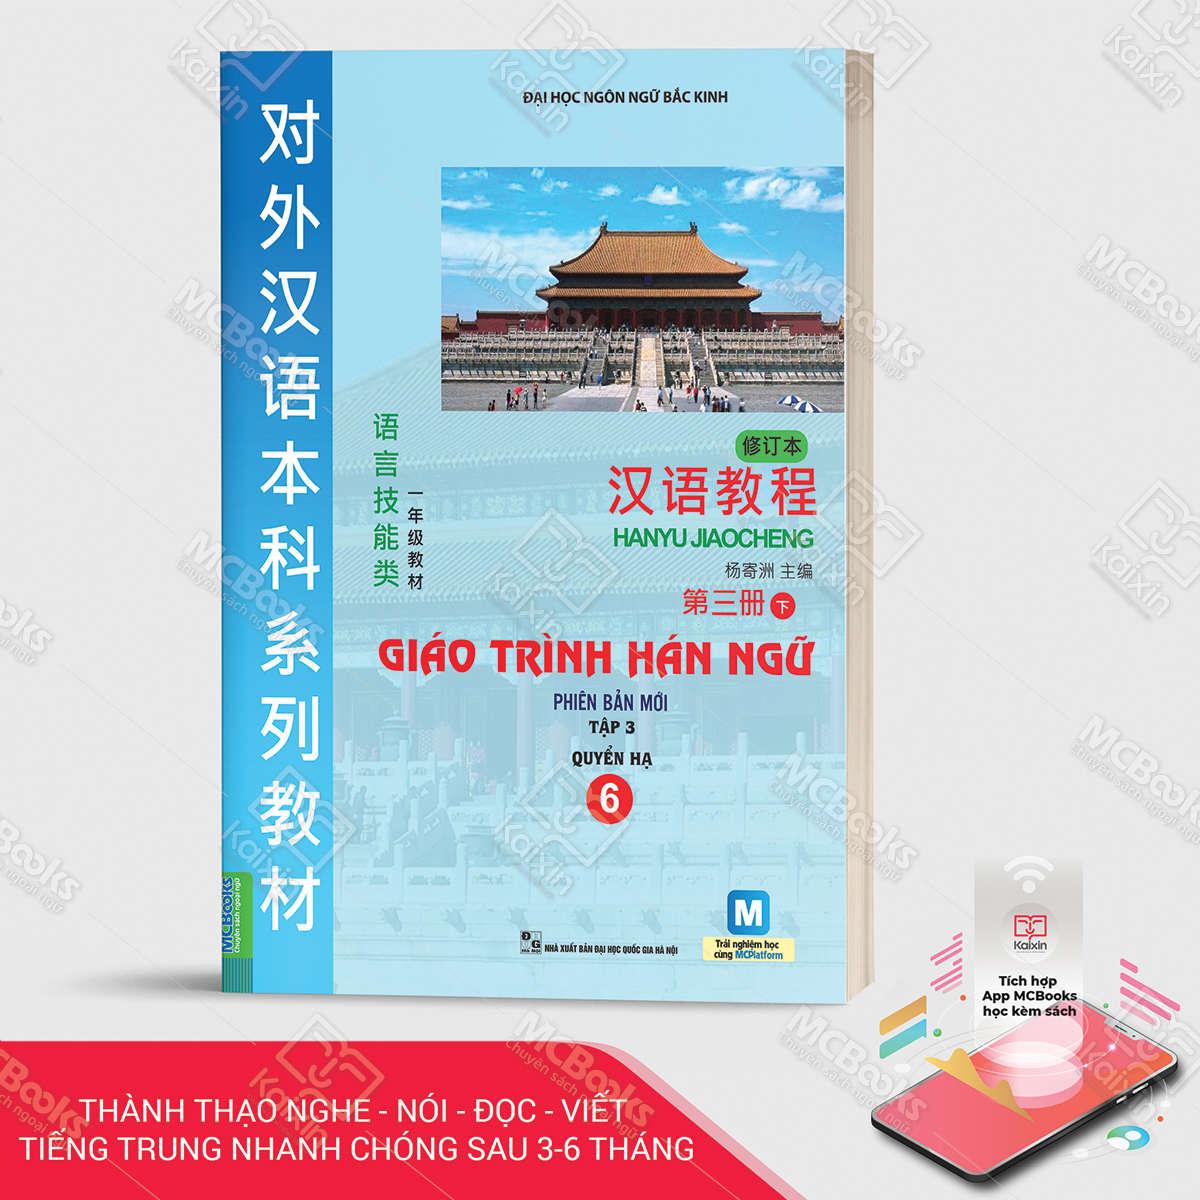 Giáo trình Hán ngữ quyển